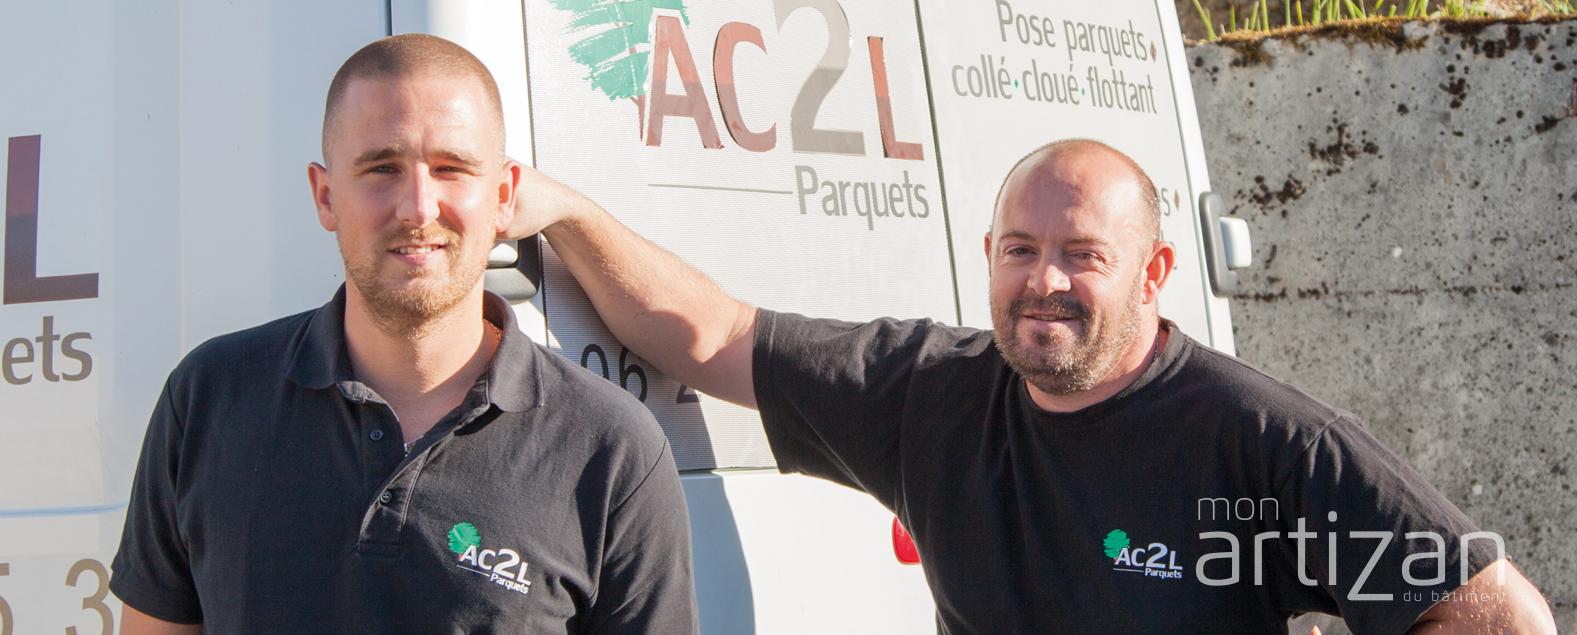 AC2L, LUDOVIC LAMBRECHTS ET ALBAN COLLERY : PARQUETS ET RÉNOVATION DE SOLS